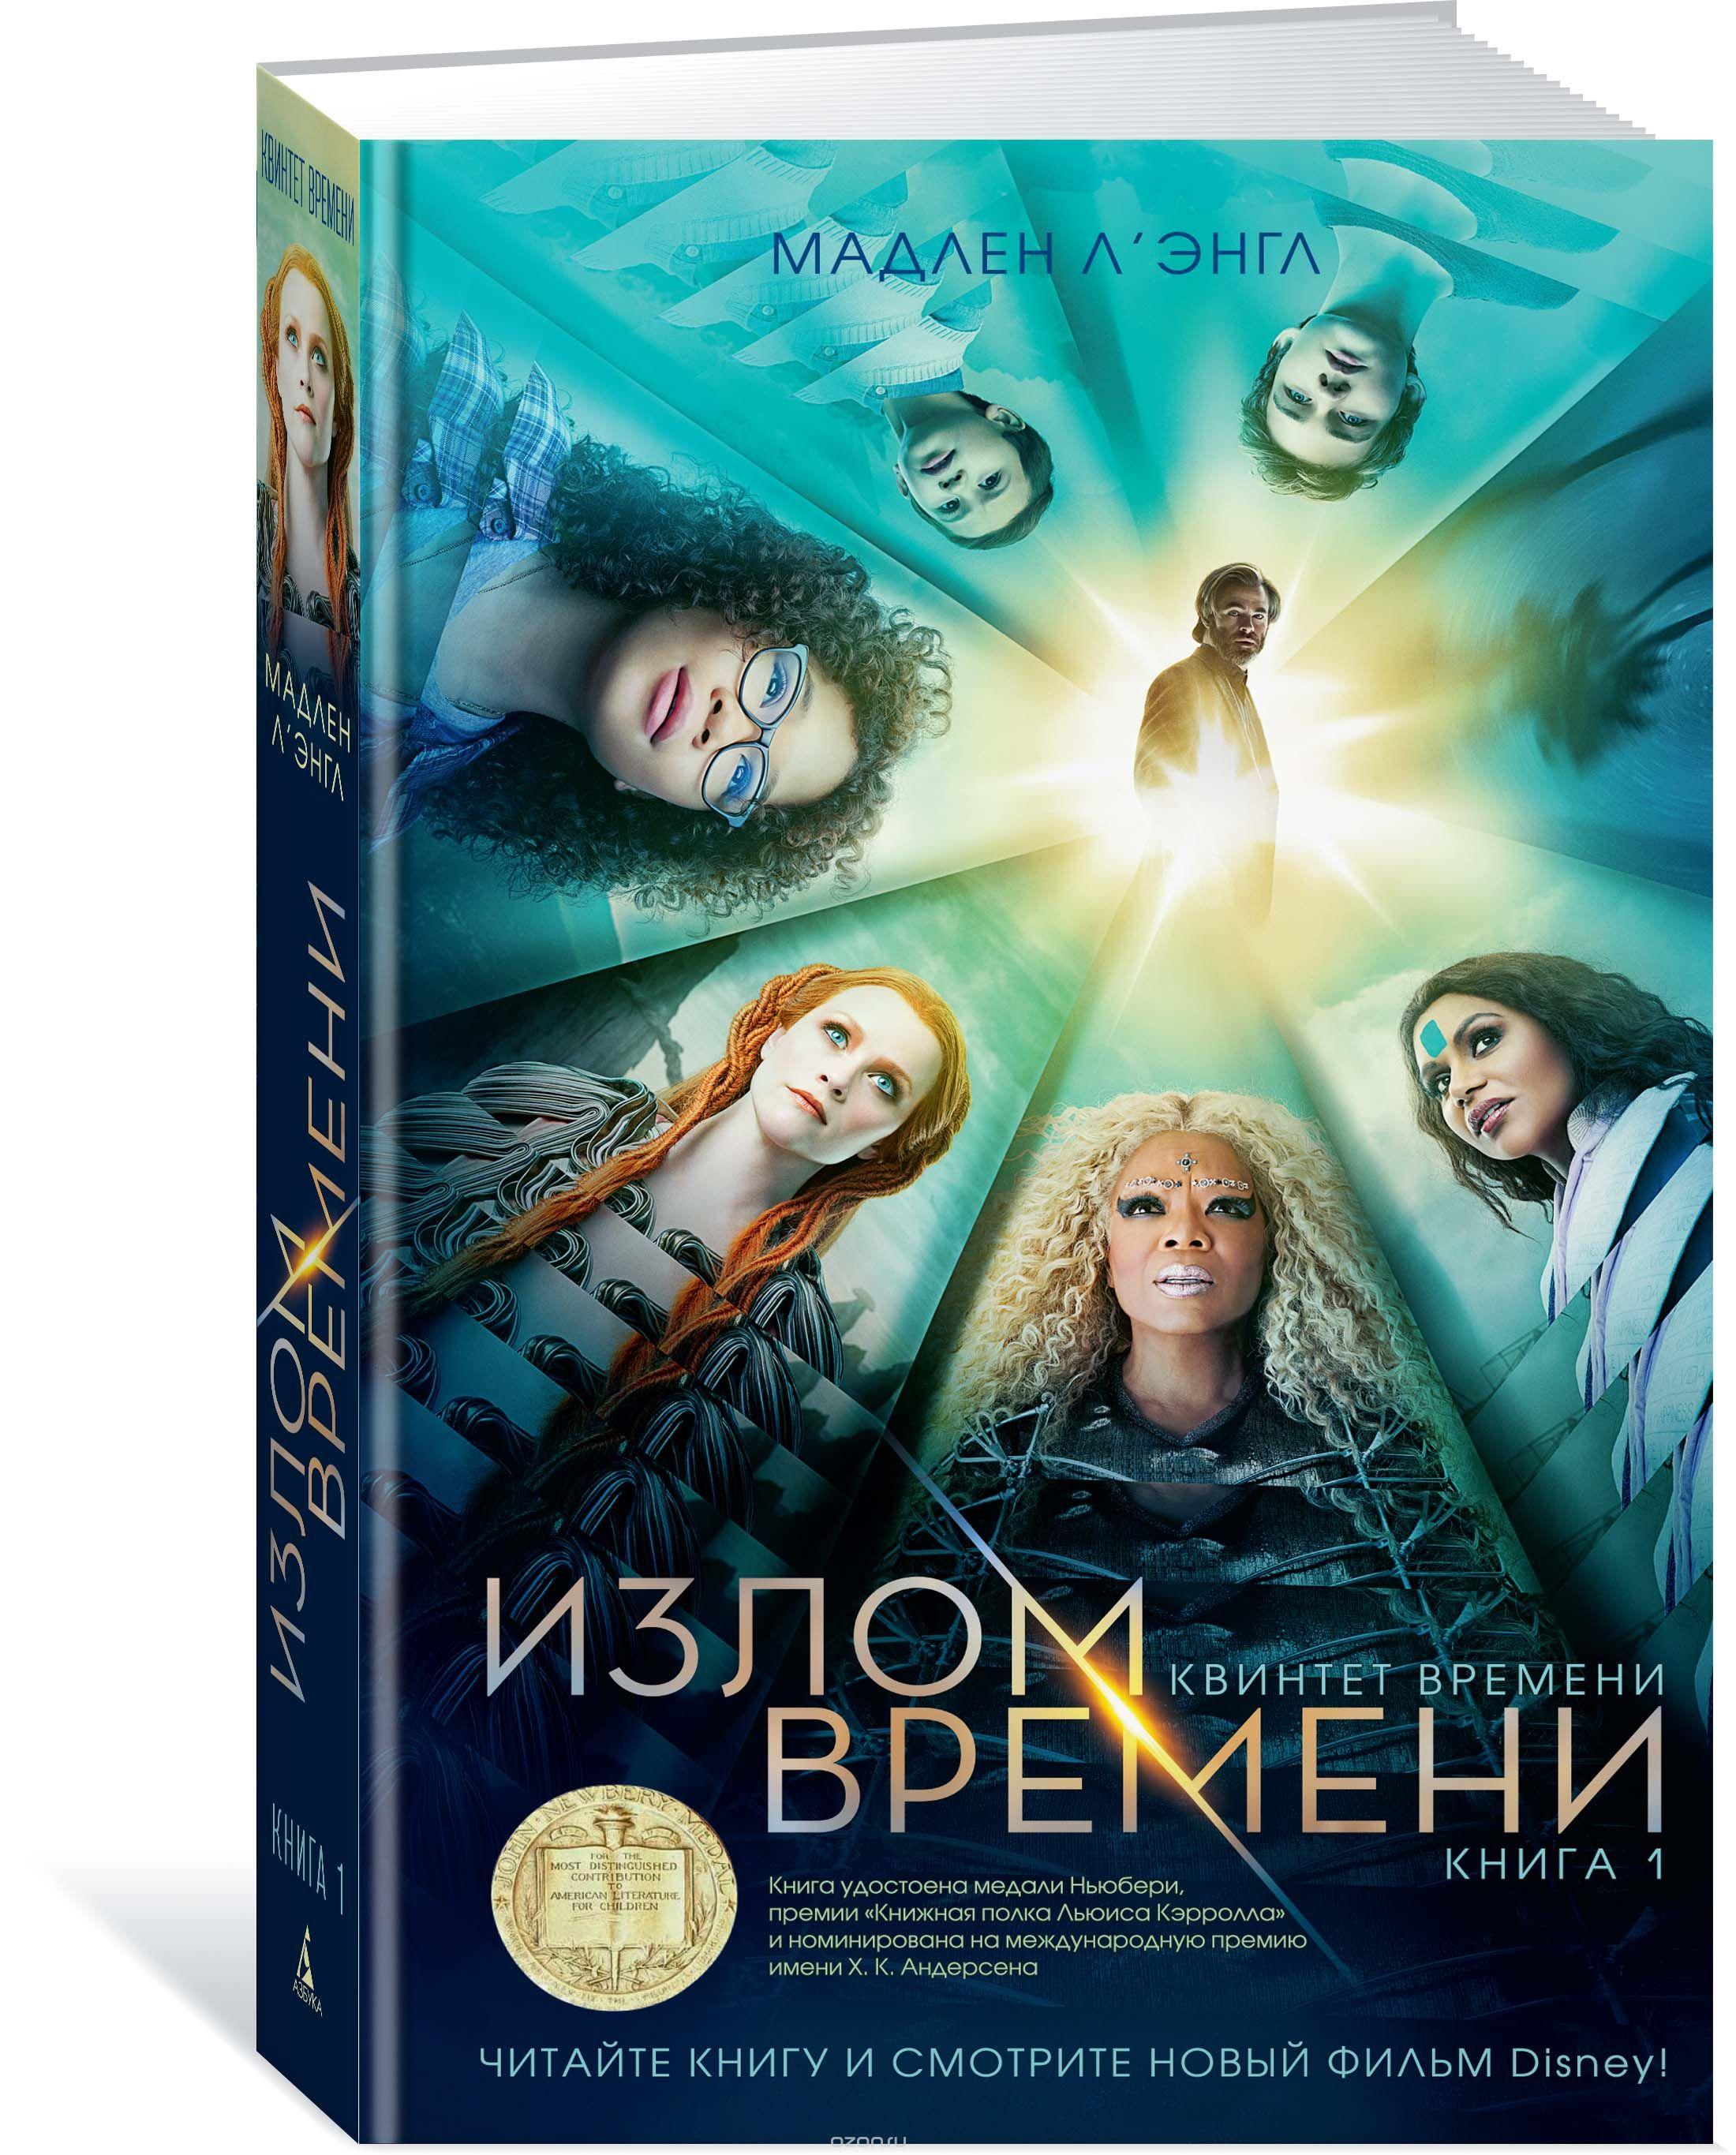 Книга на русском языке «Квинтет времени. Книга 1. Излом времени»